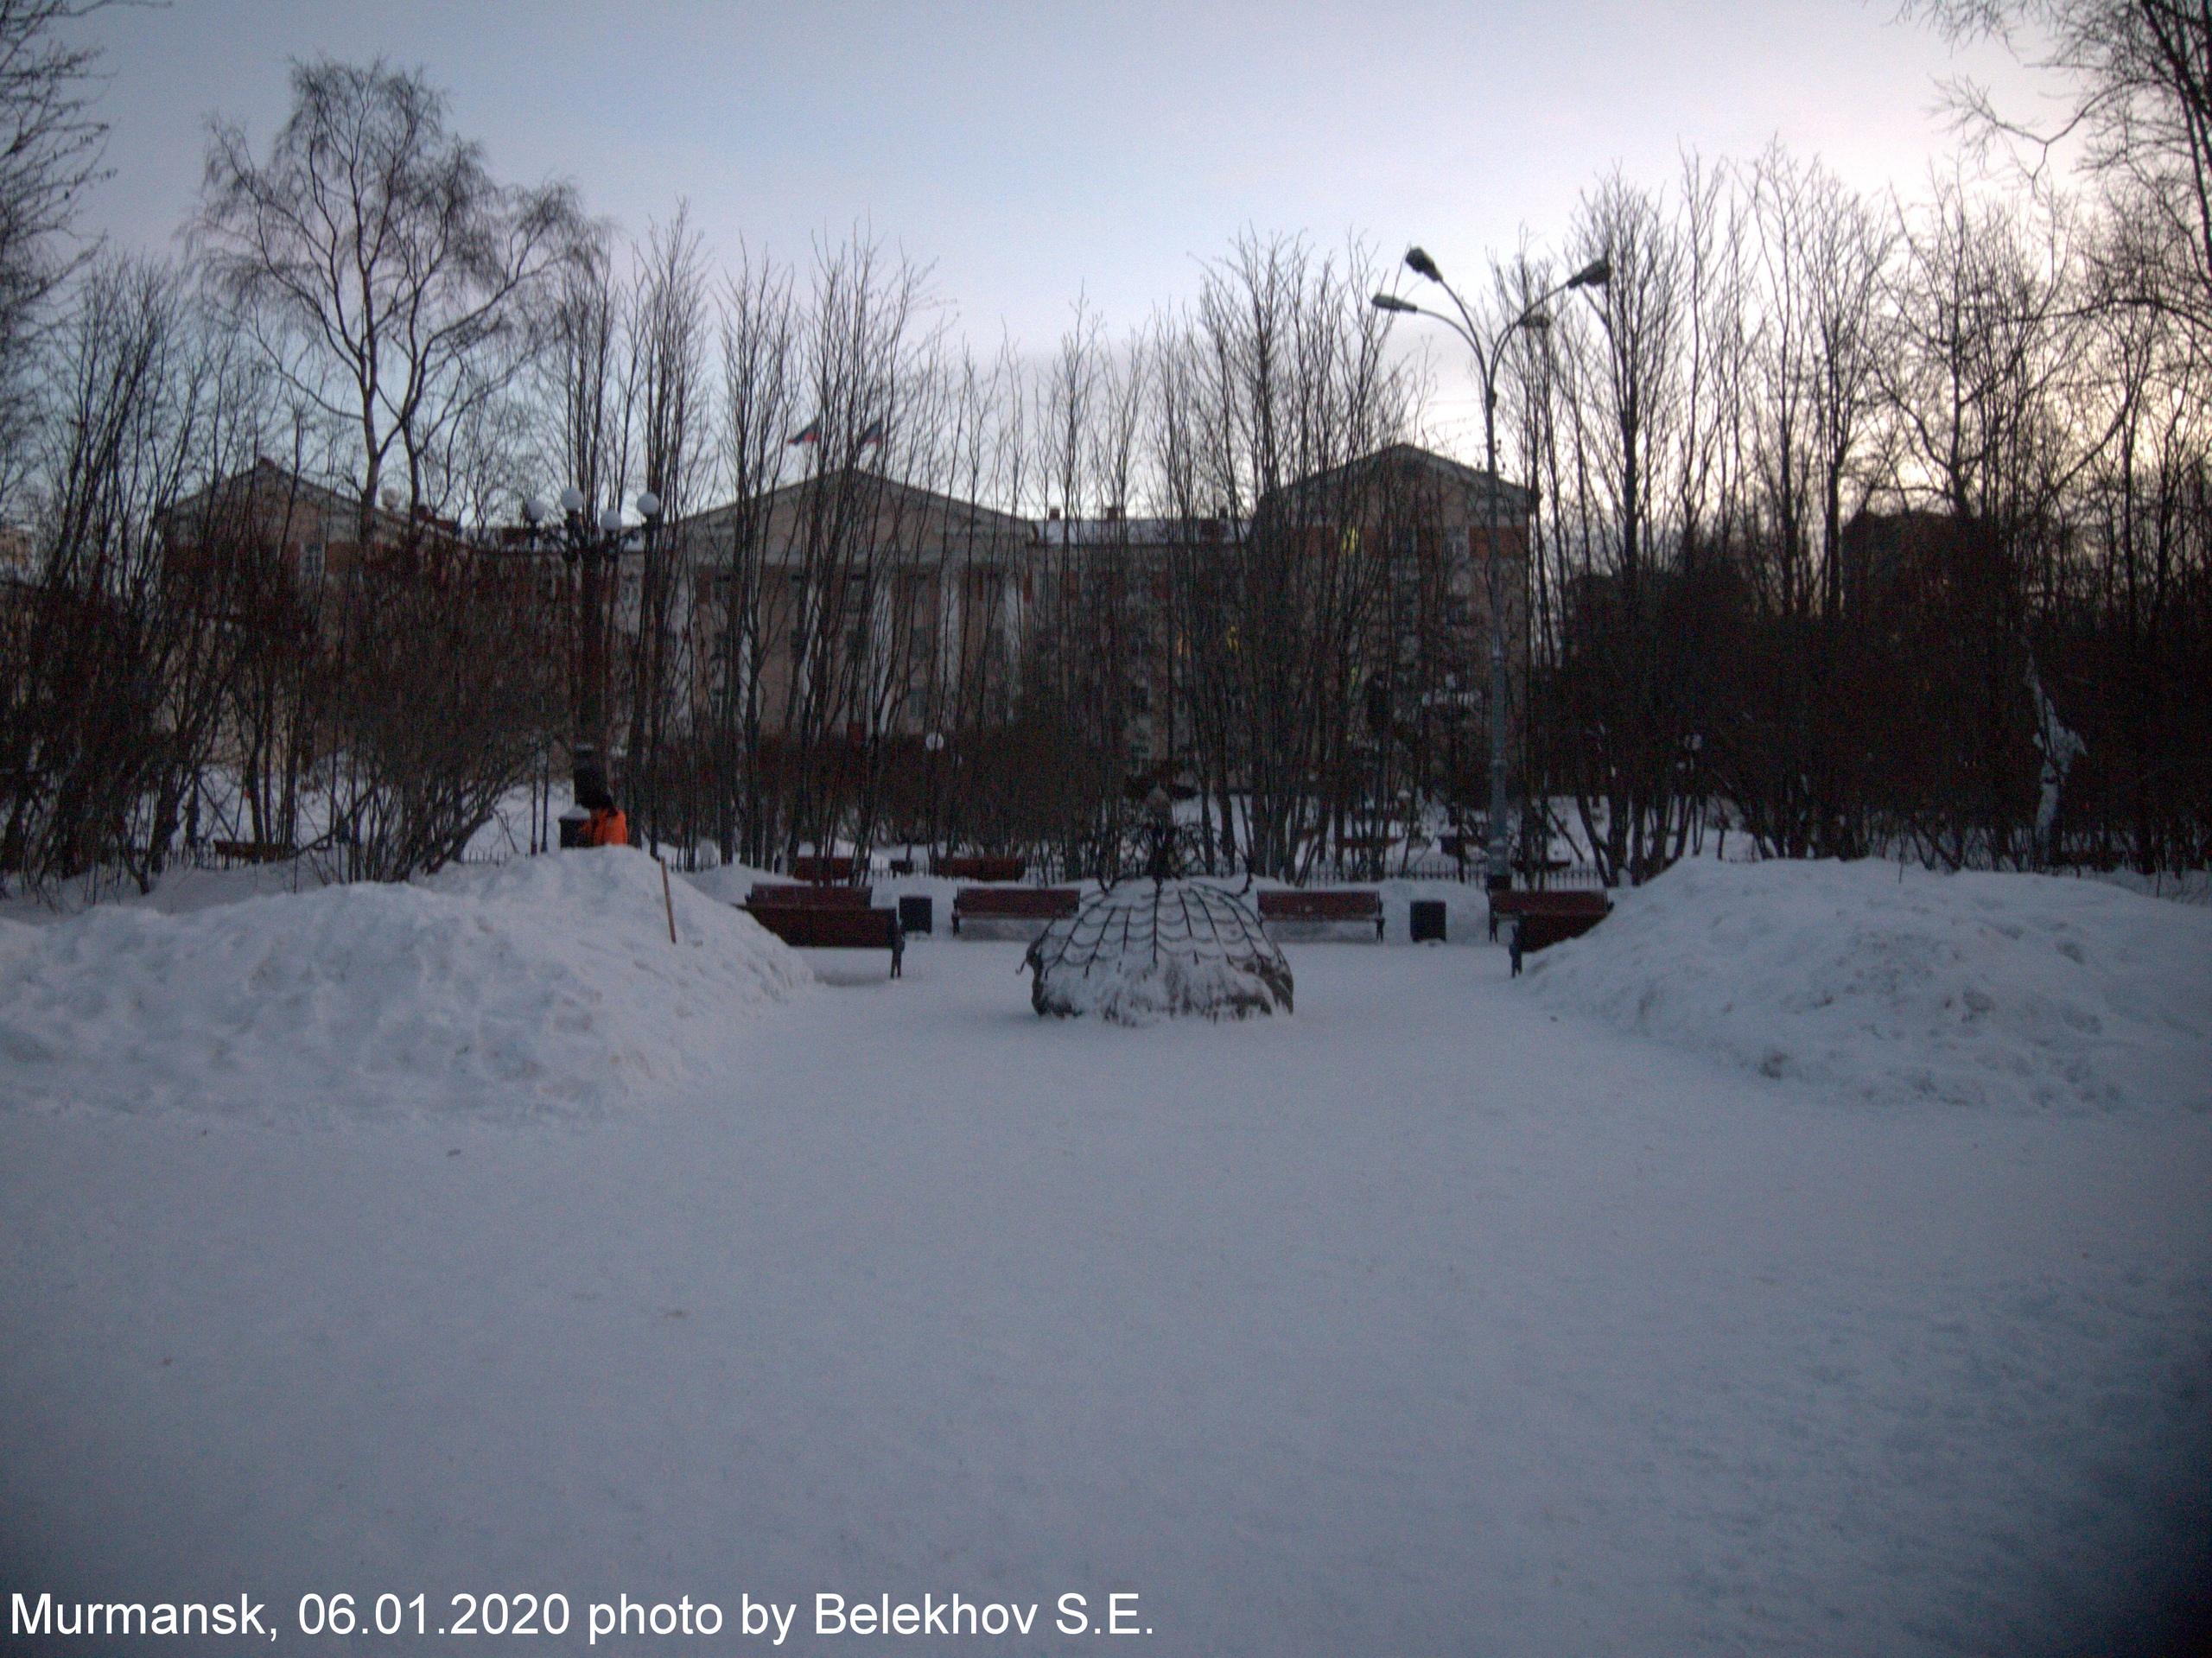 Мурманск, зима